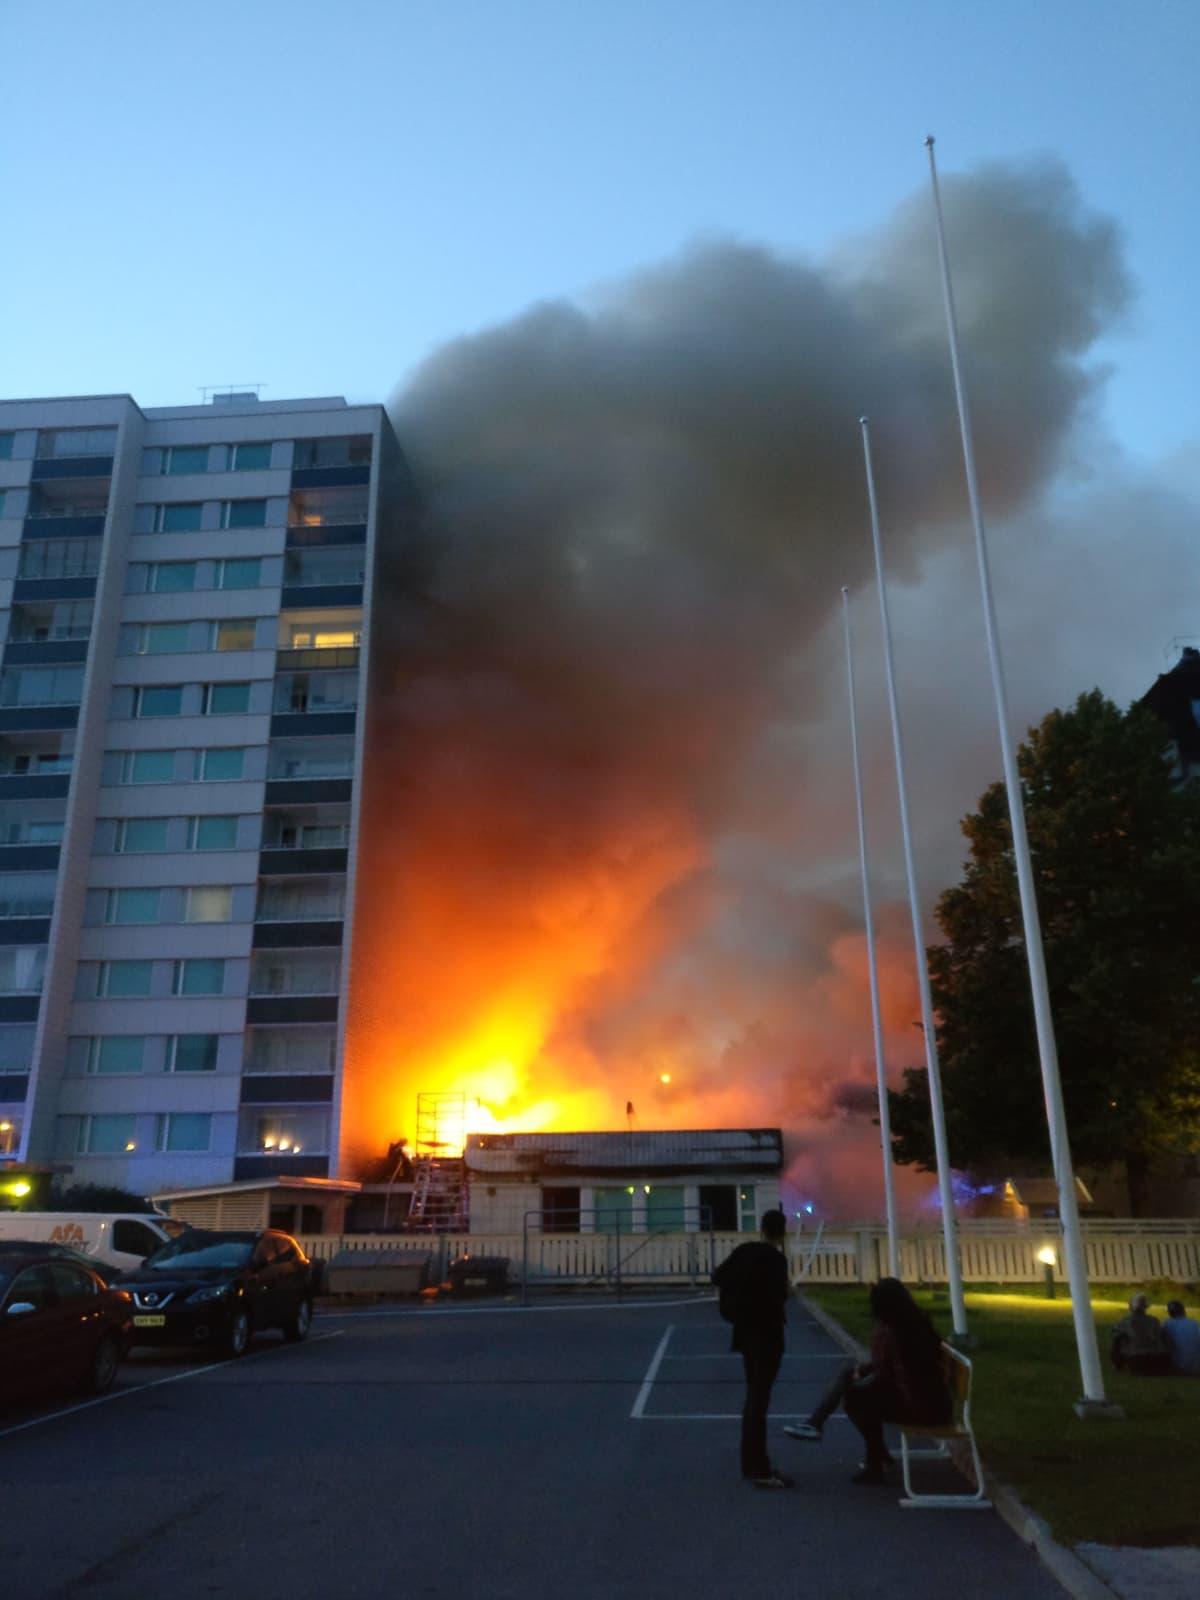 Tampere päiväkoti tulipalo 24.7. silminnäkijäkuva